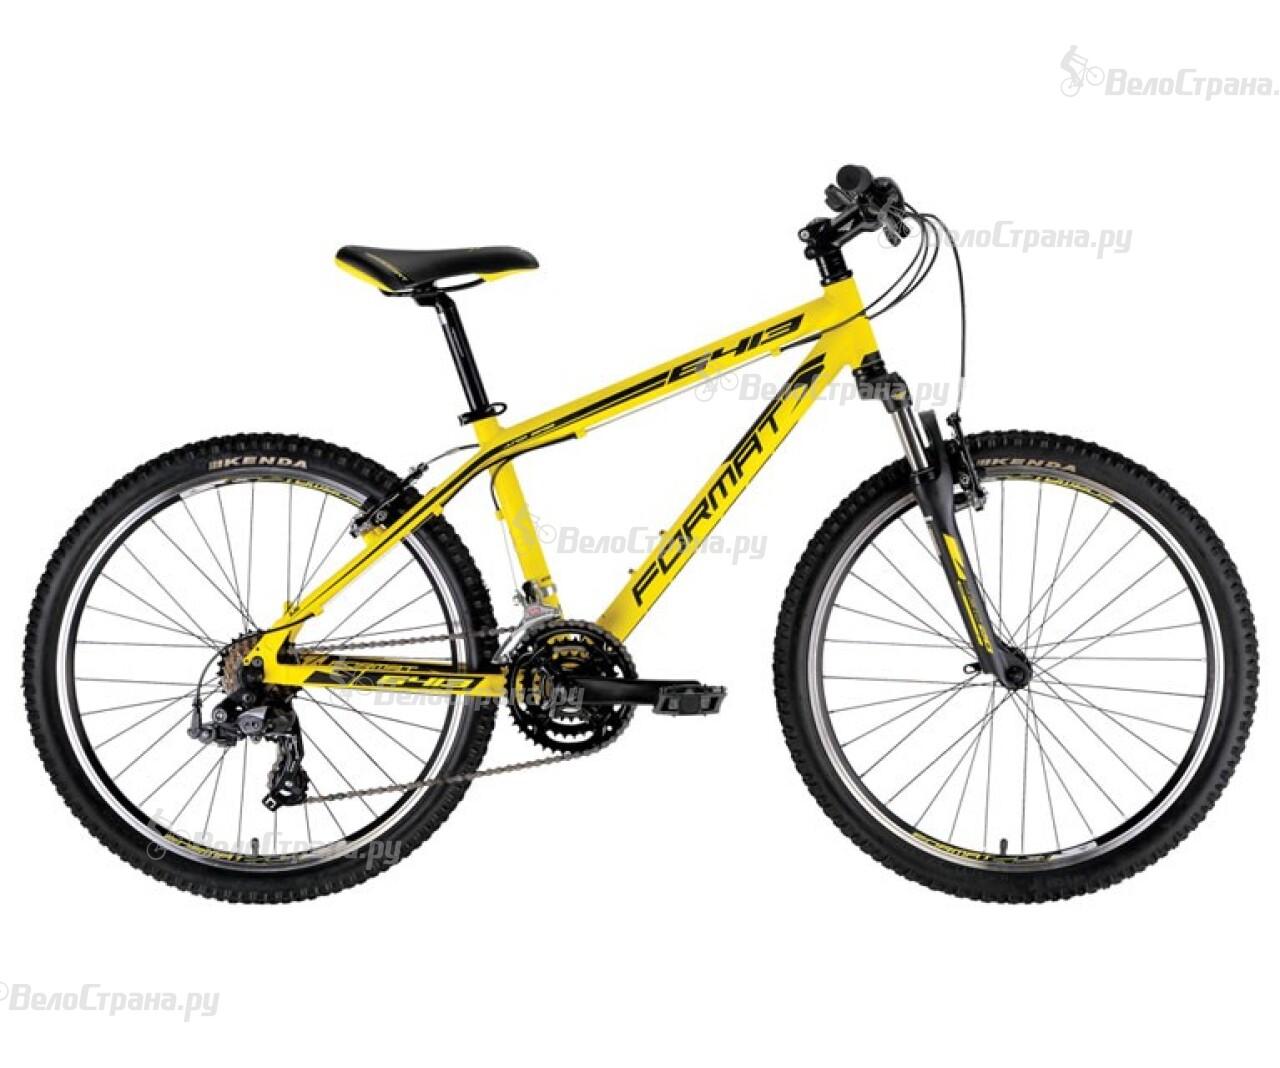 Велосипед Format 6413 (2014) велосипед format 3213 2014